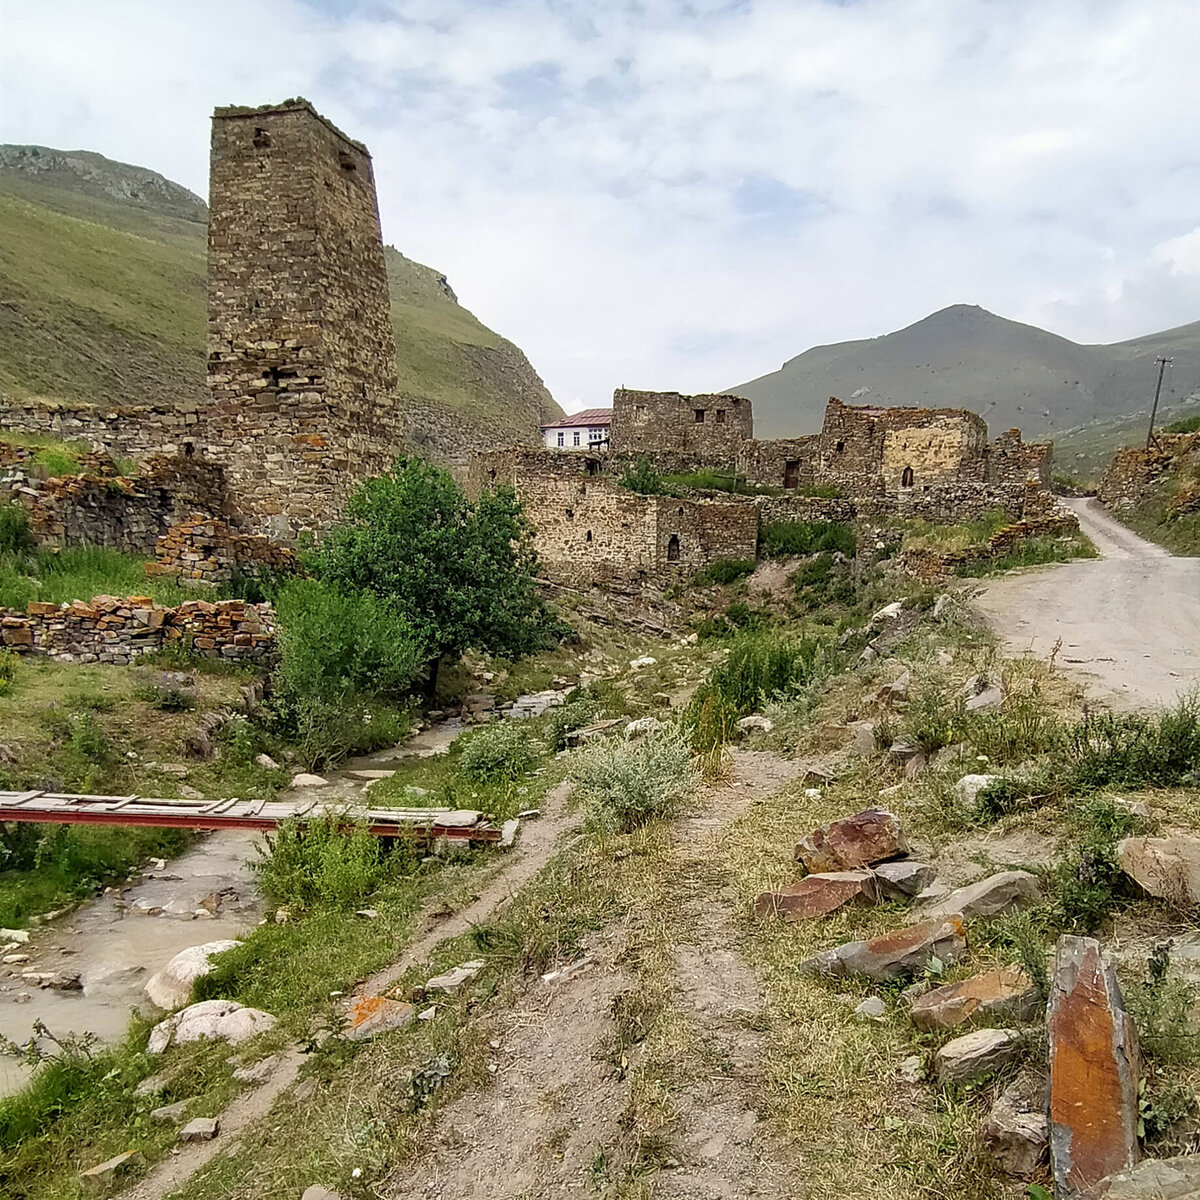 Справа от башни Езеевых - руины галуана Битуевых. Галуаном осетины называют замки. Хозяева покинули его в XIX веке.